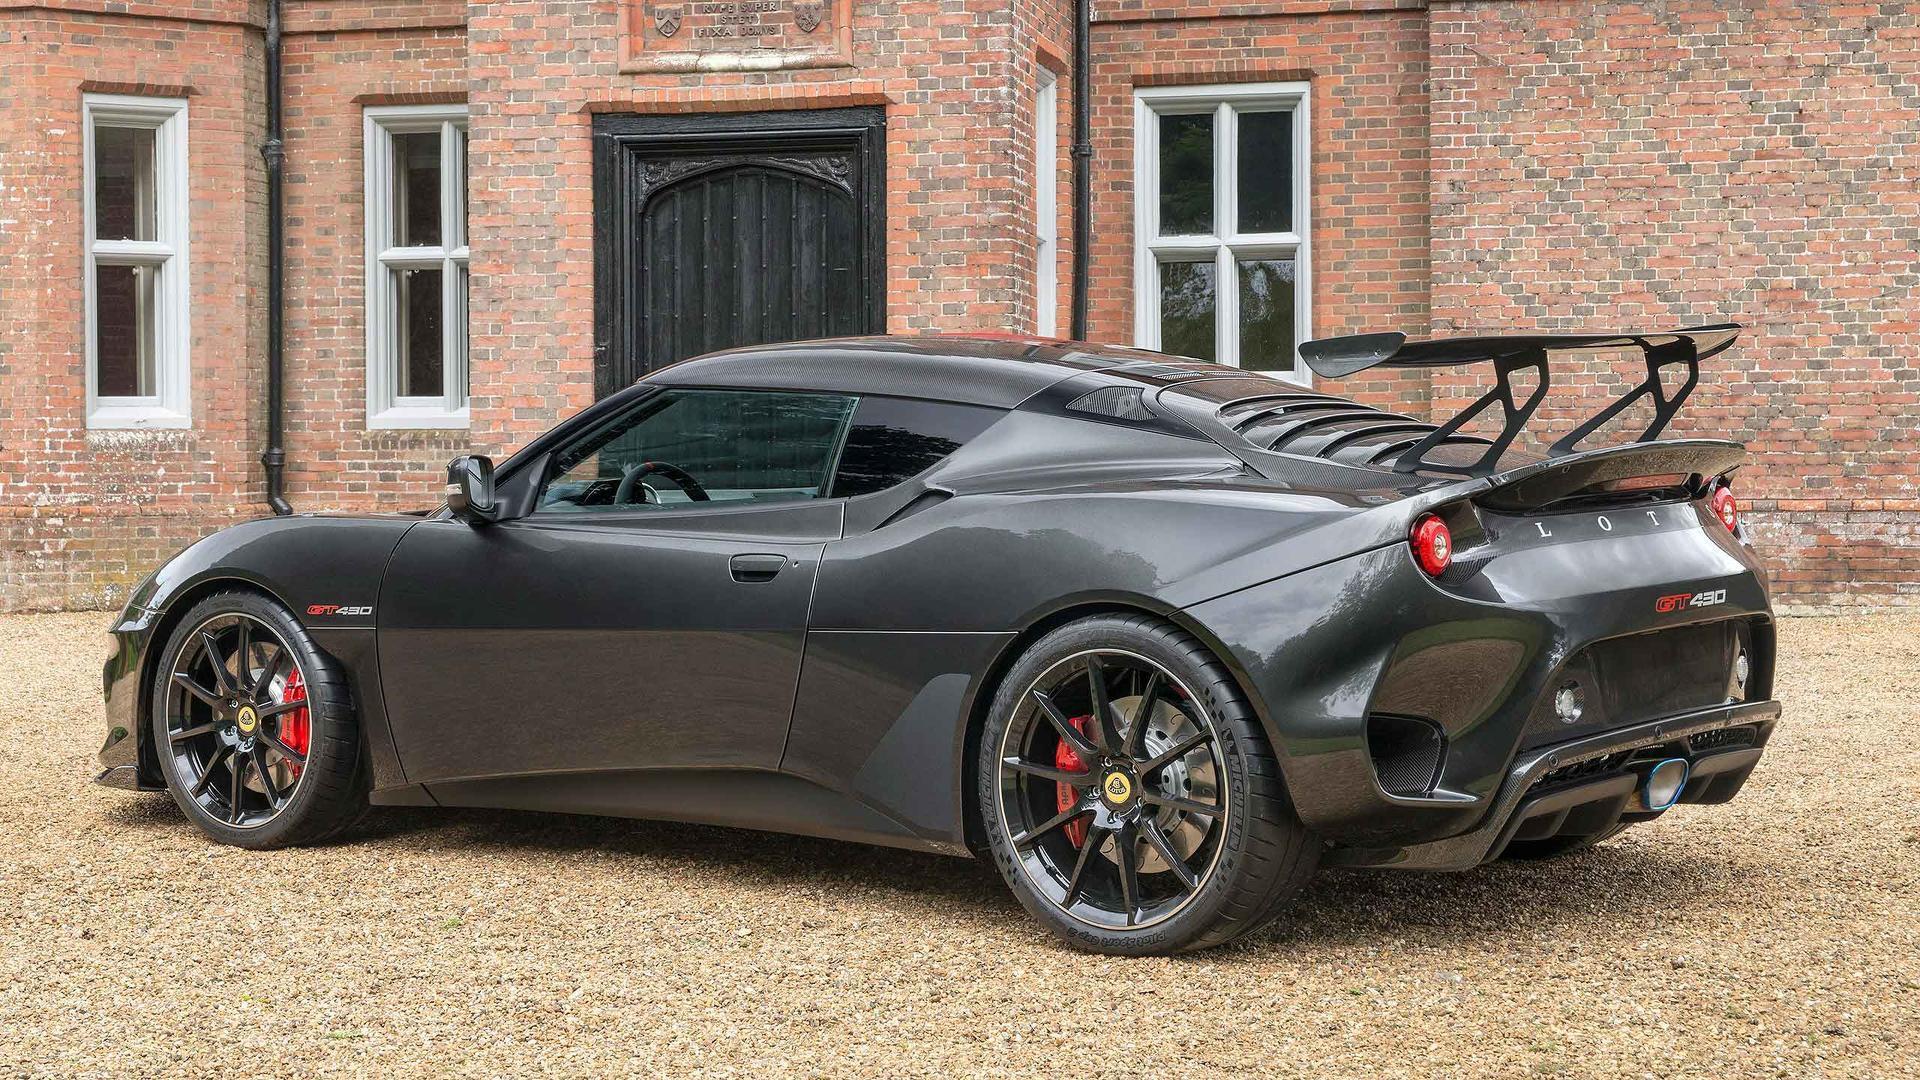 nouvelle-lotus-evora-gt430-a-l-assaut-des-supercars-382-7.jpg